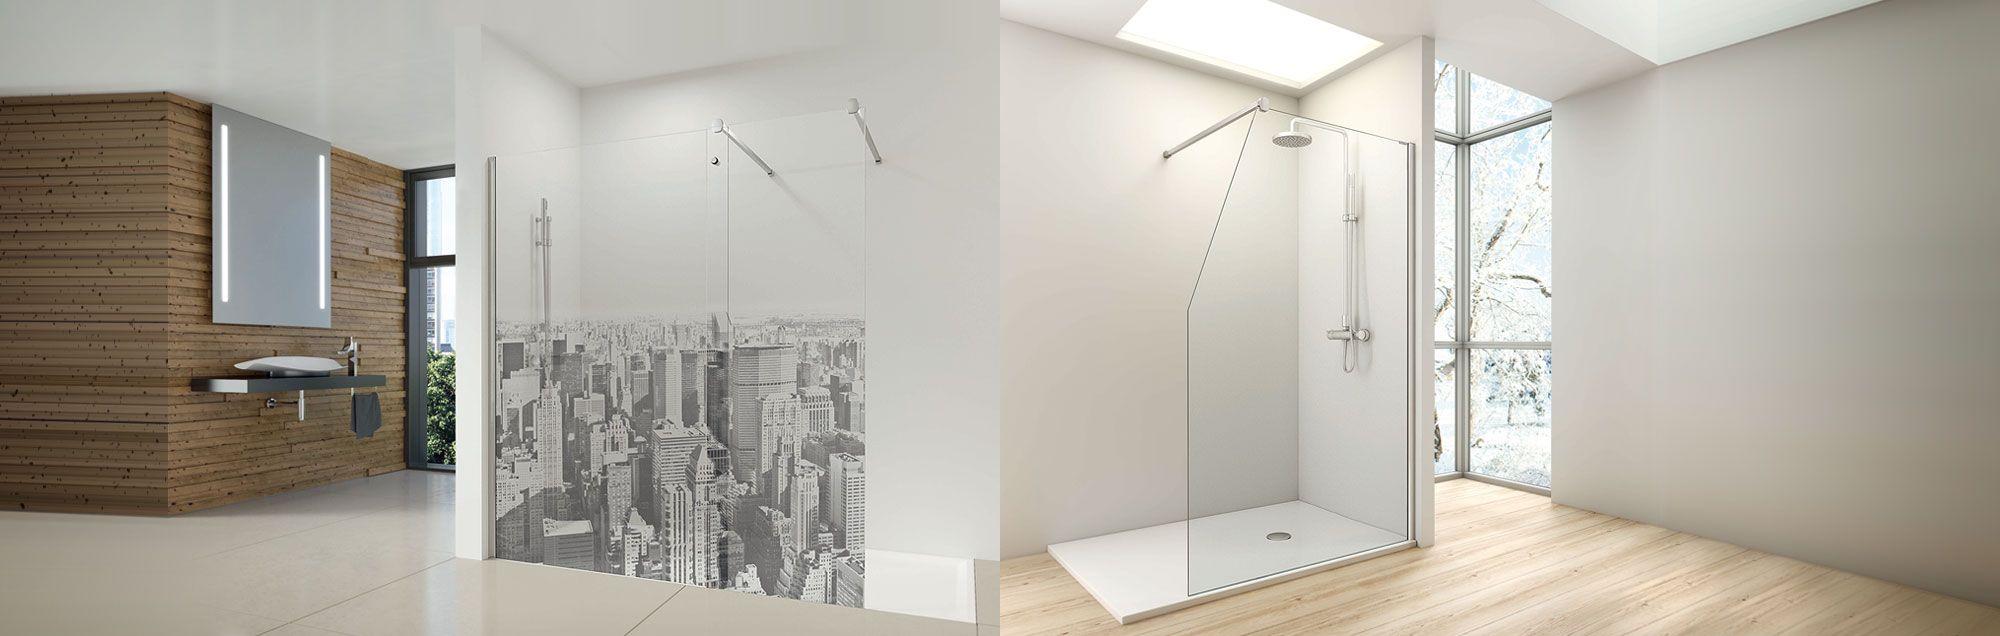 Serie Fijos One de mamparas walk-in de ducha y bañera a medida